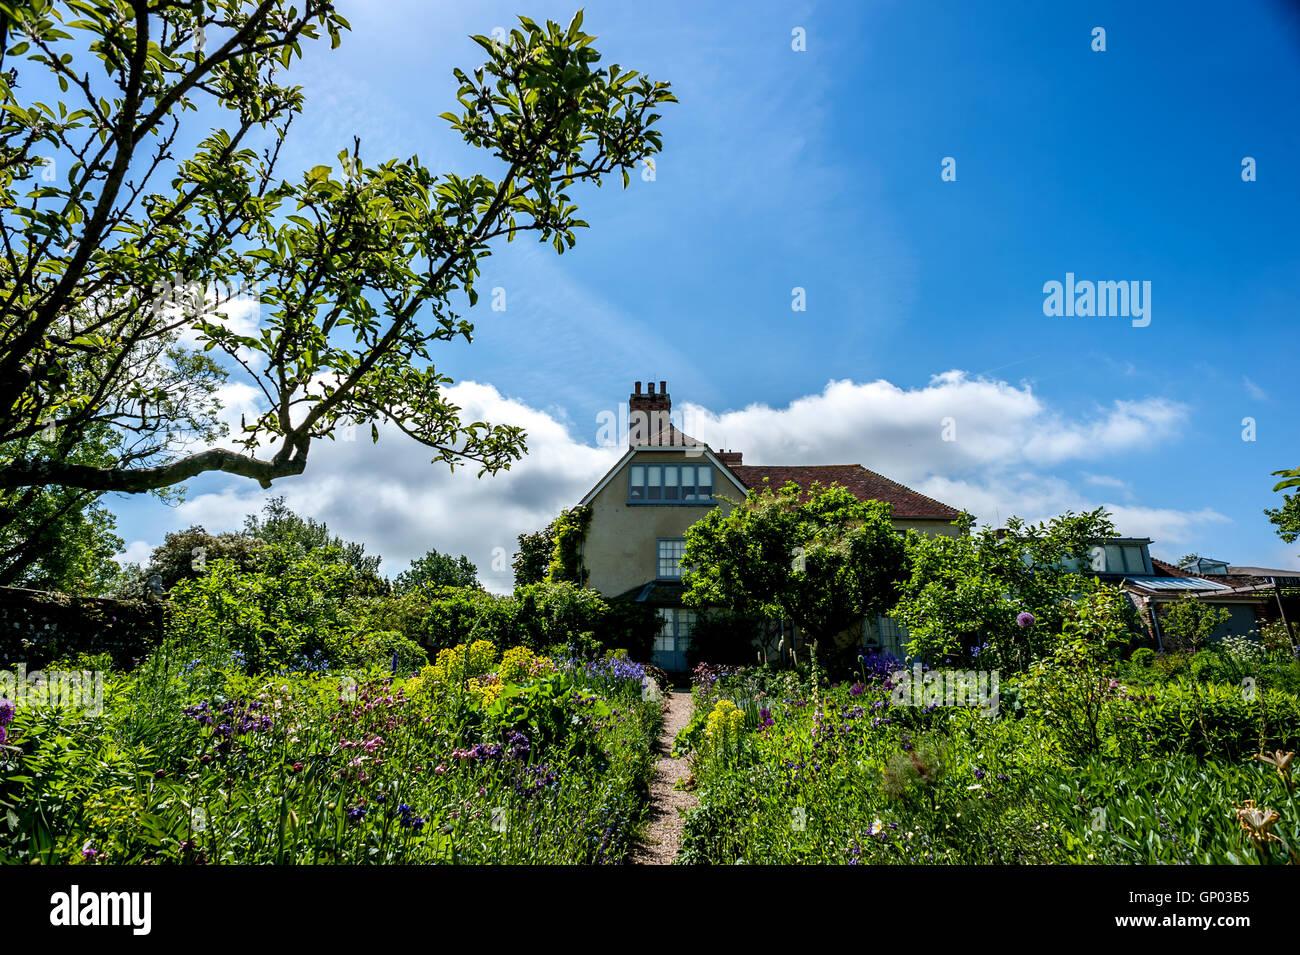 Charleston Farmhouse, le home du Bloomsbury Group dans l'East Sussex. Banque D'Images